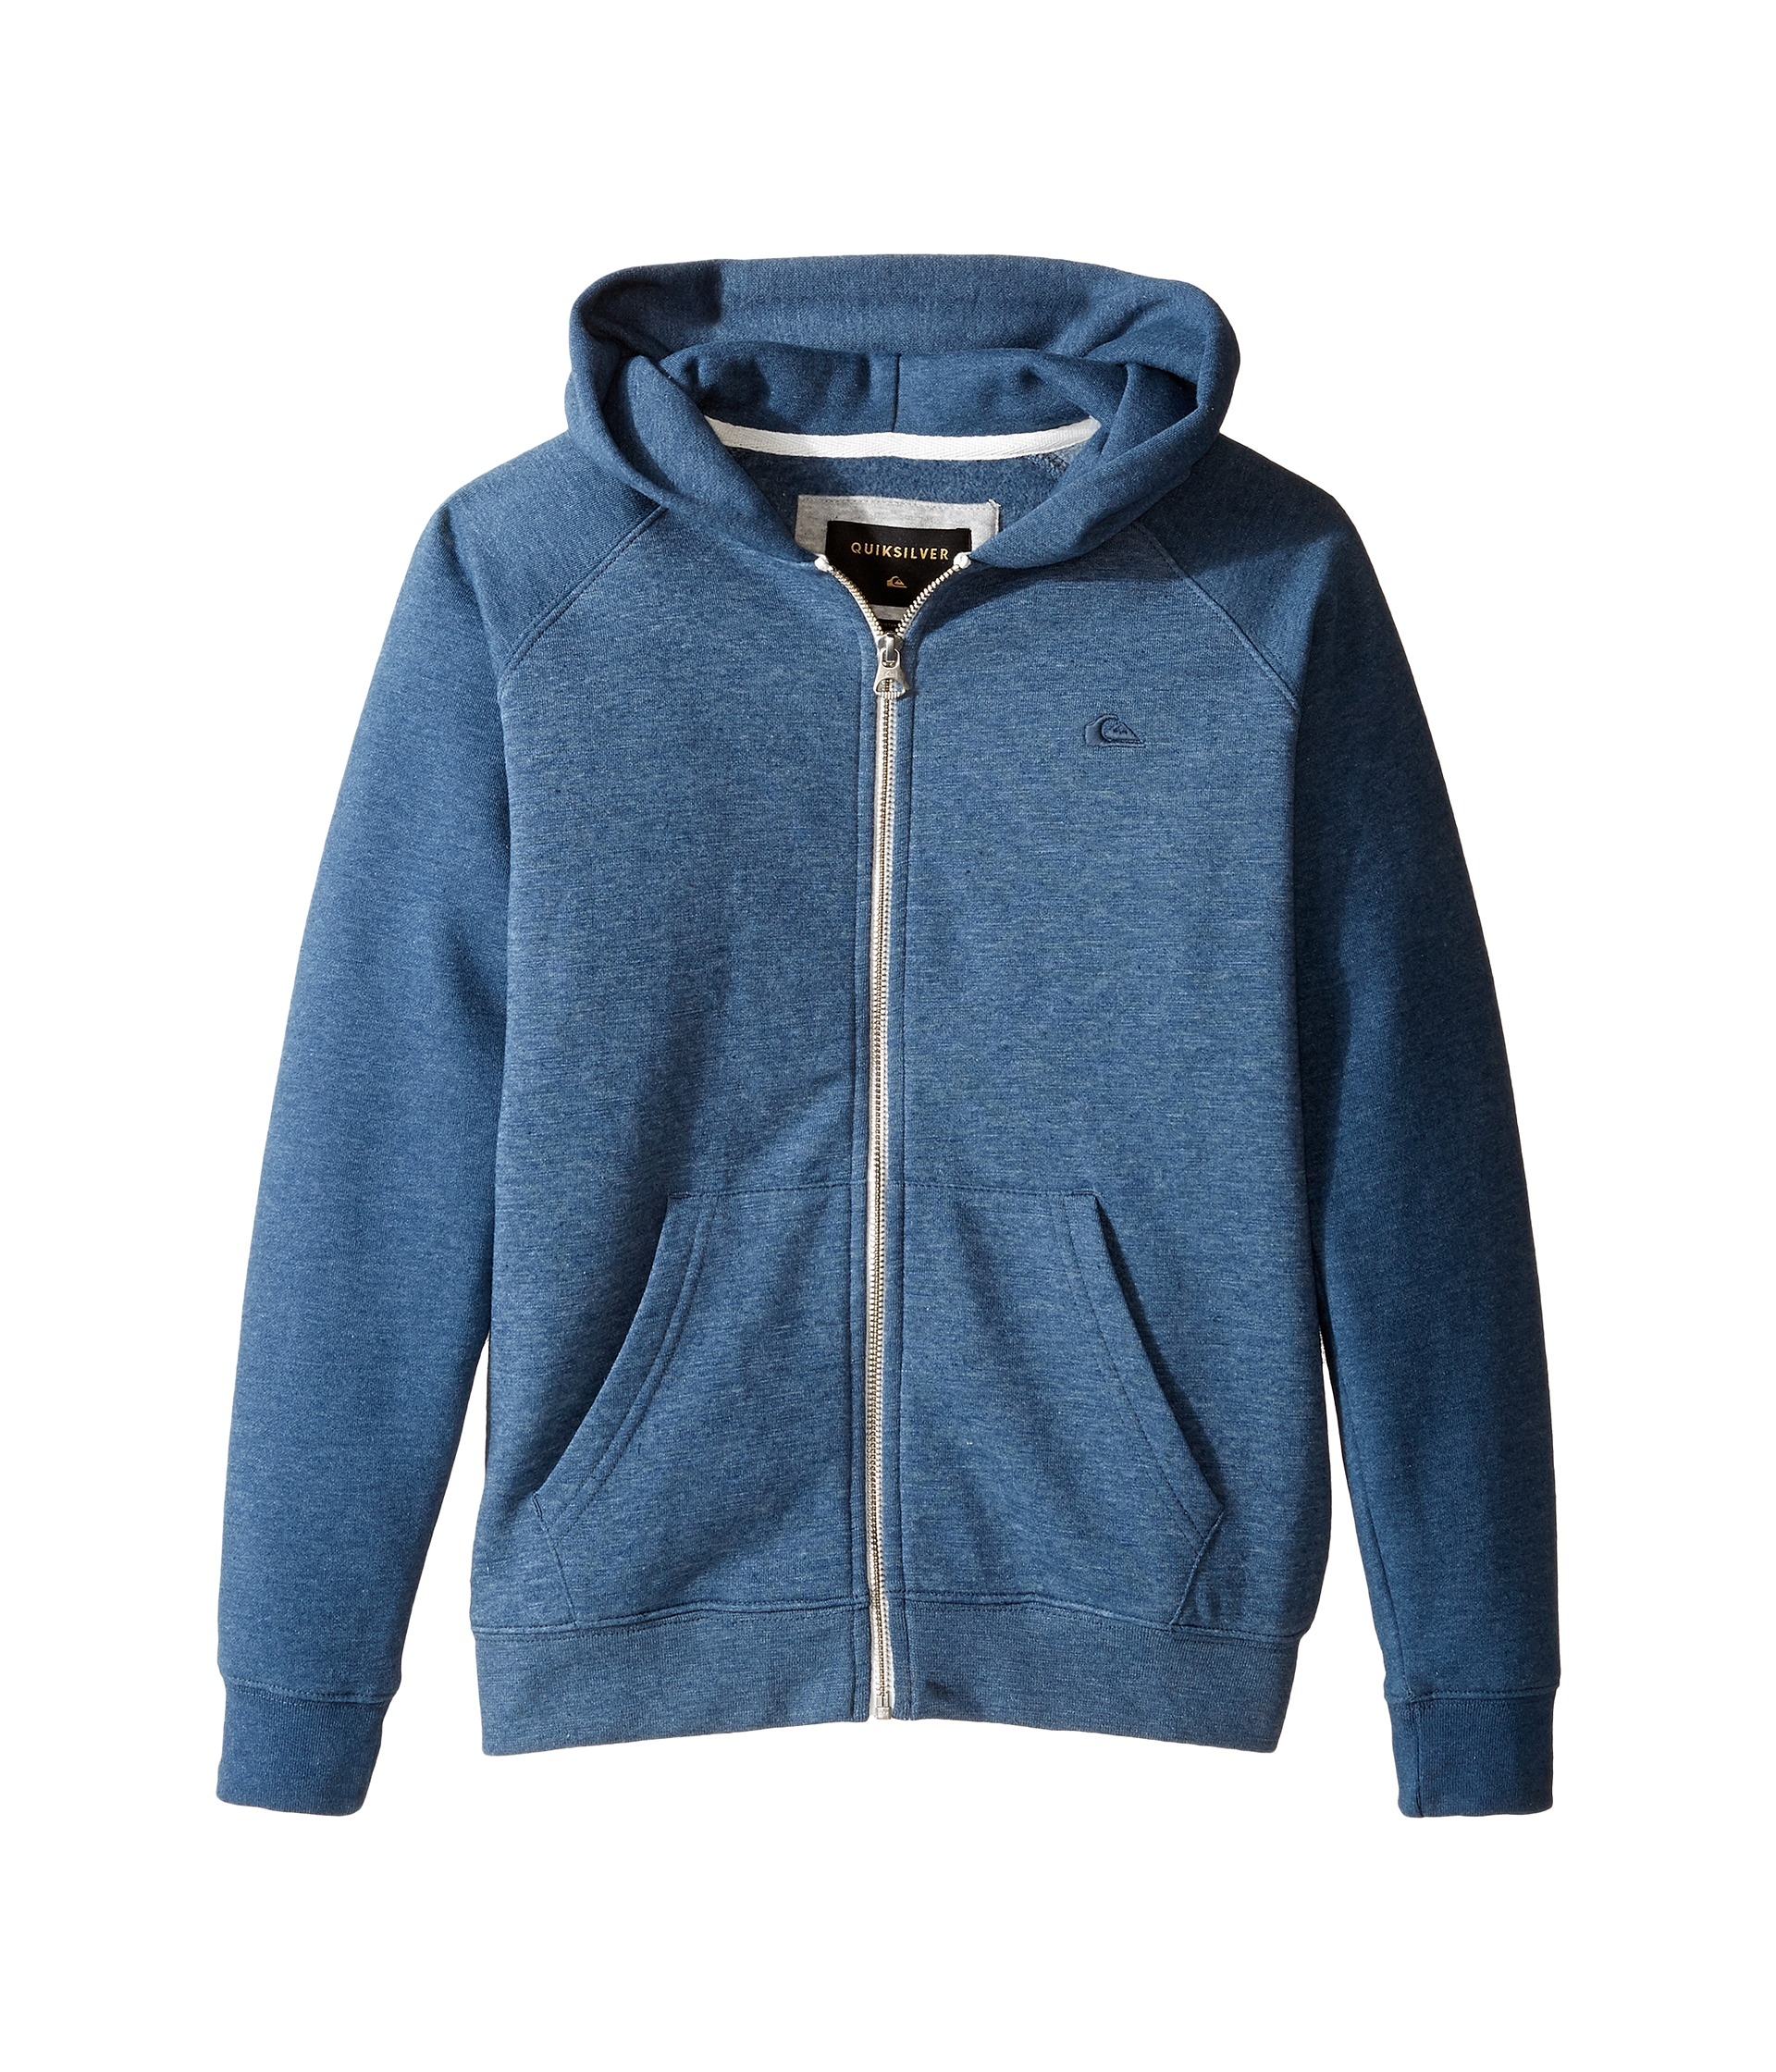 Star wars hoodie for men